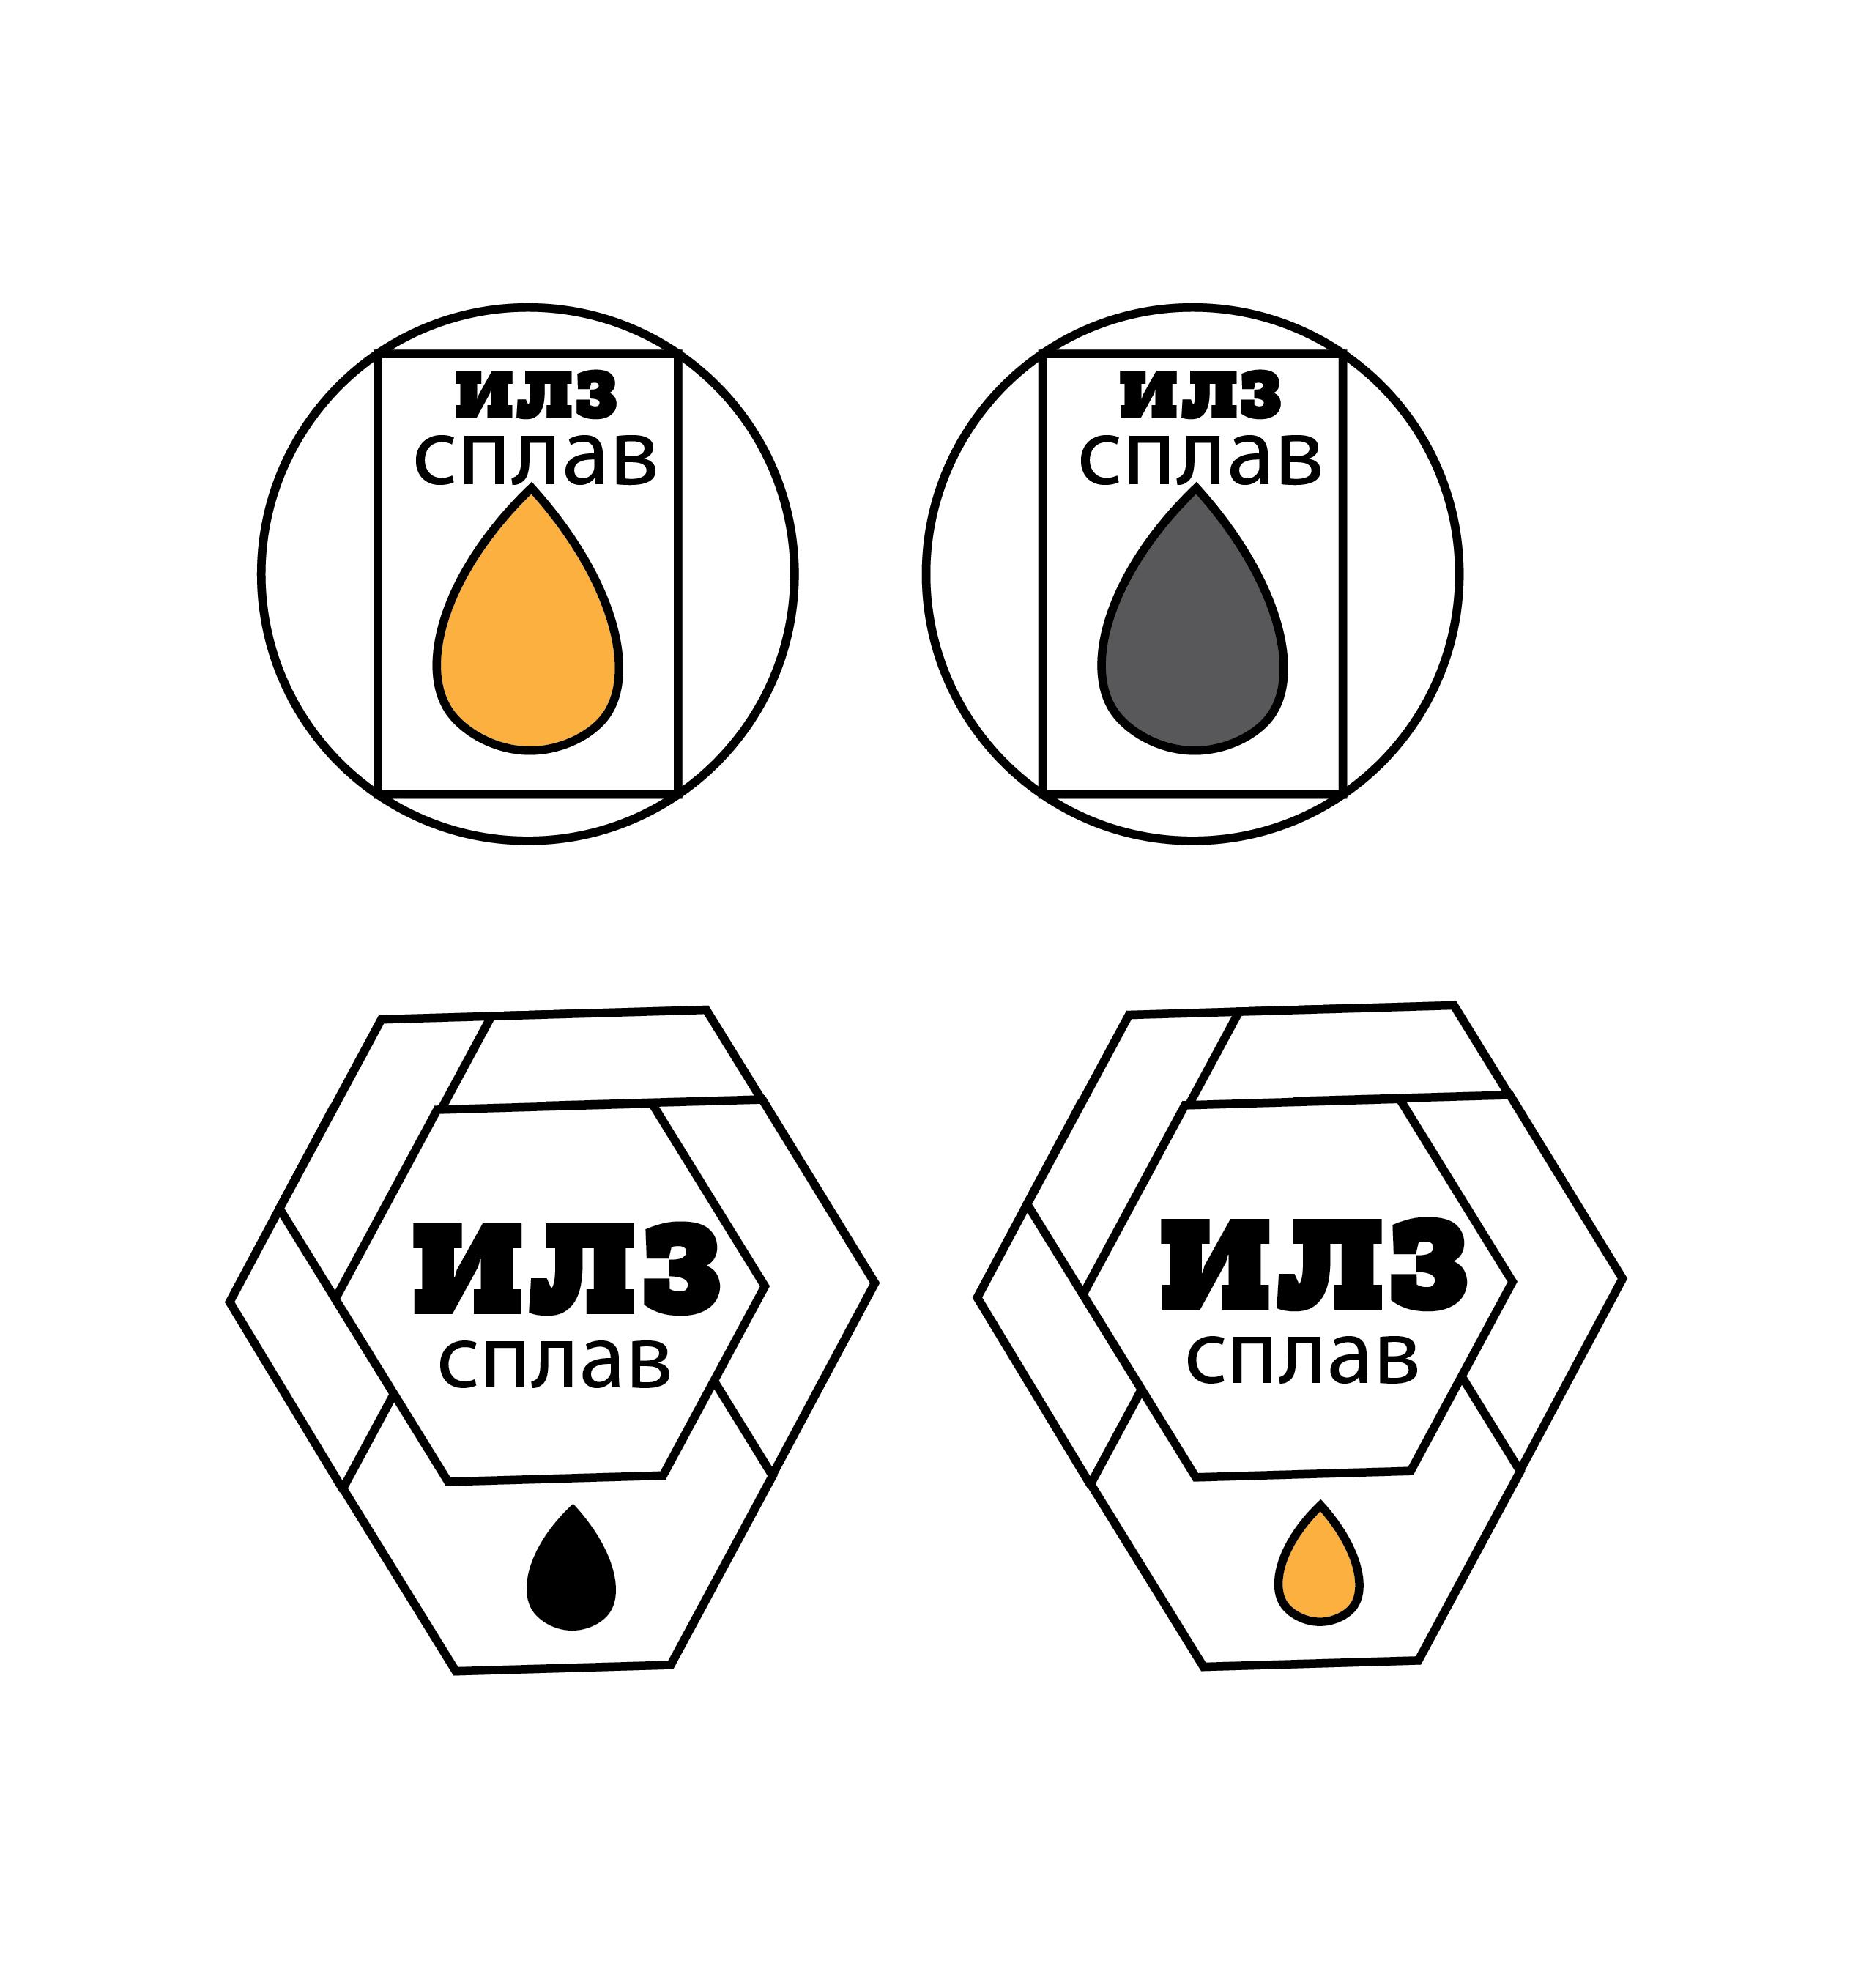 Разработать логотип для литейного завода фото f_7595afaceaa57512.jpg